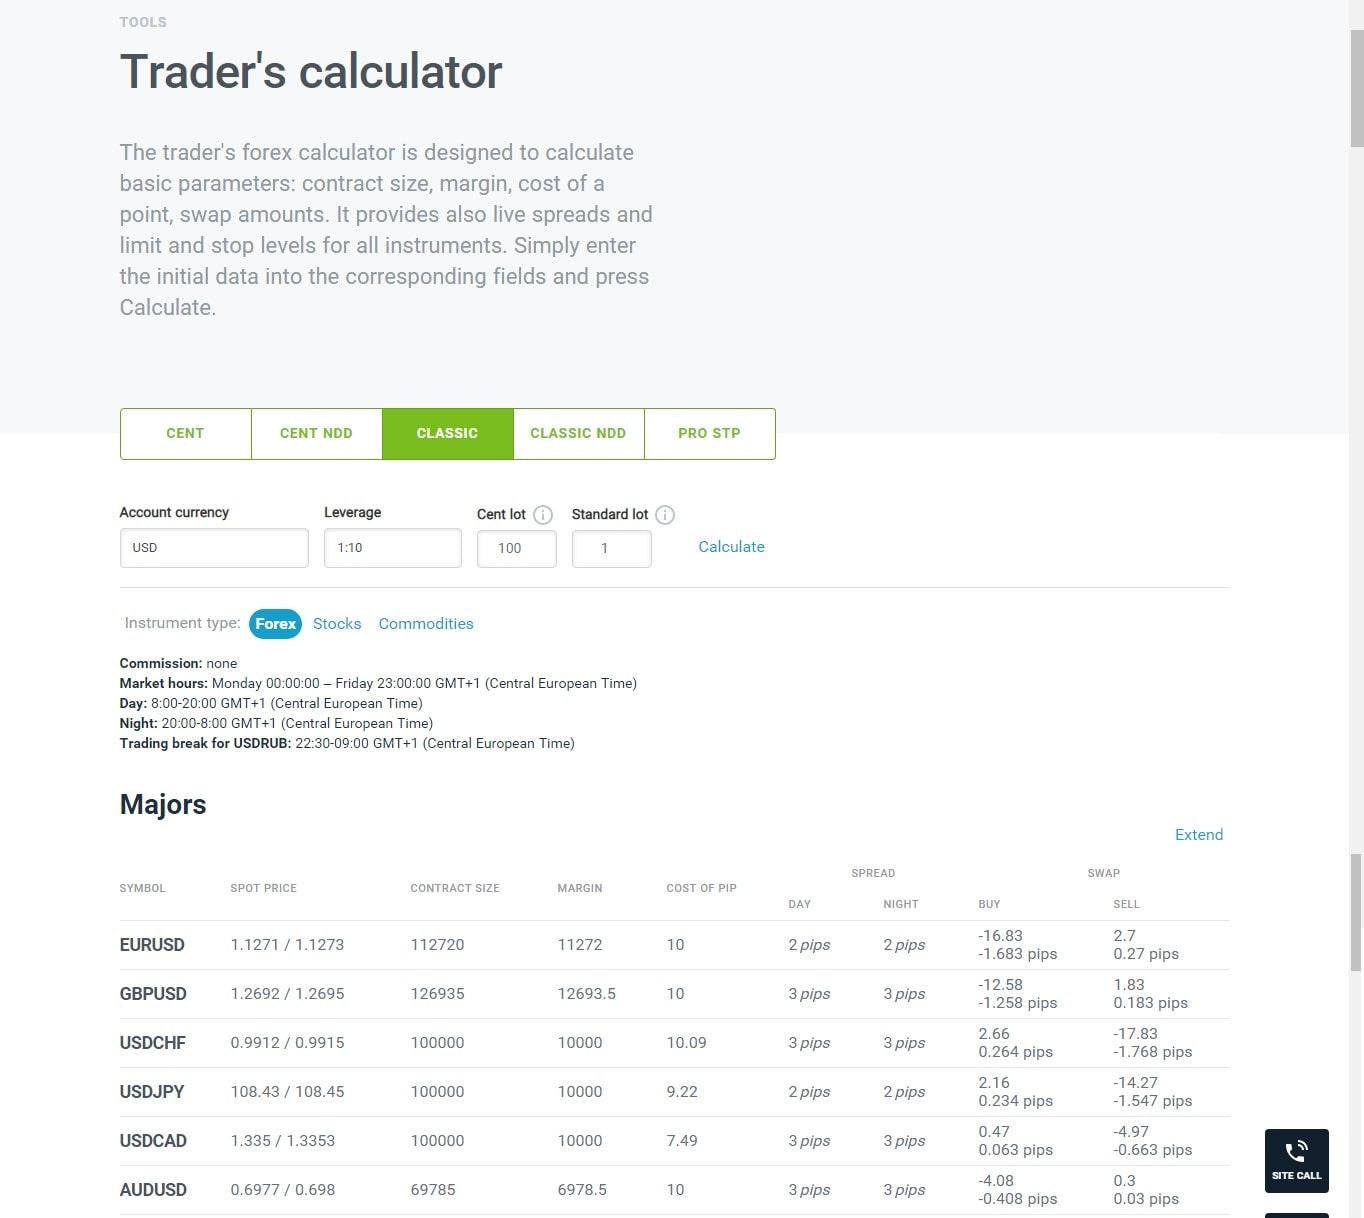 Calculatoare și instrumente Forex